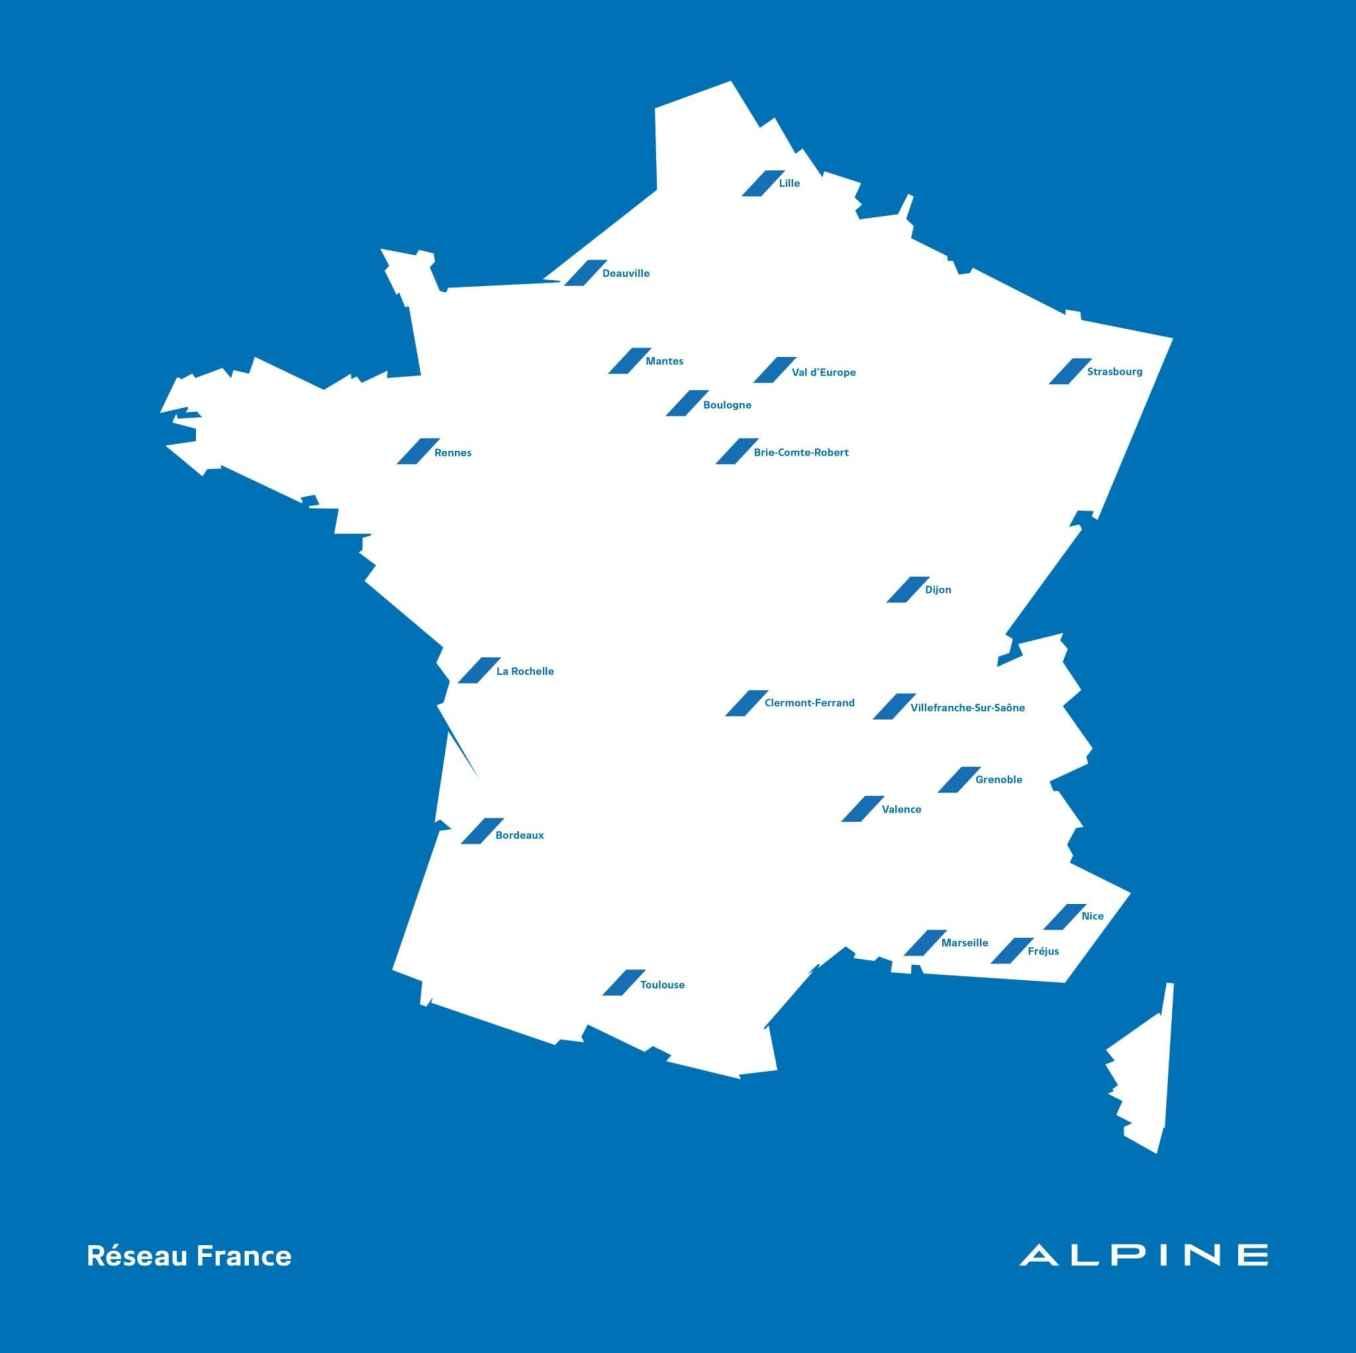 Carte RRG Alpine Point de Vente Showroom France A110 Store   Alpine va ouvrir son 20ème Showroom à Béziers !